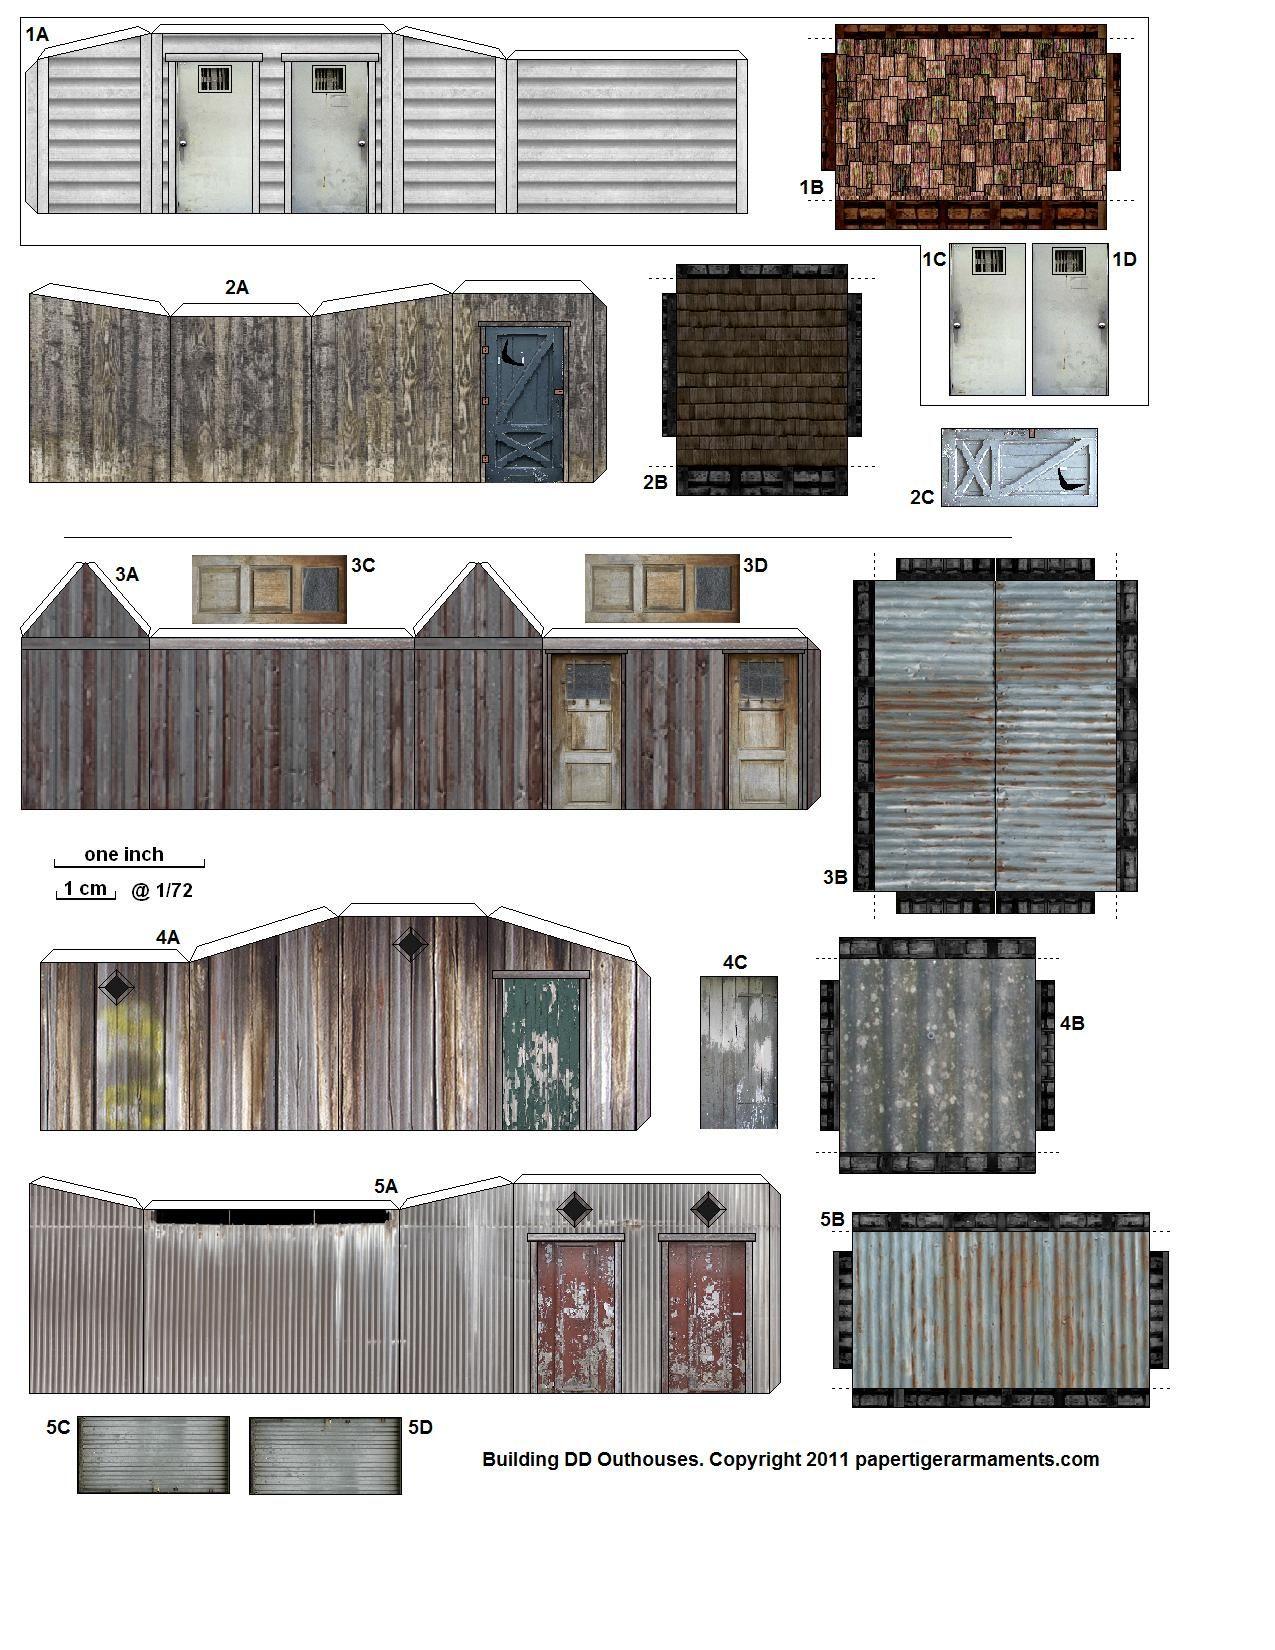 Free Printable Ho Scale Buildings, Free Printable Ho Scale Buildings - Free Printable Model Railway Buildings